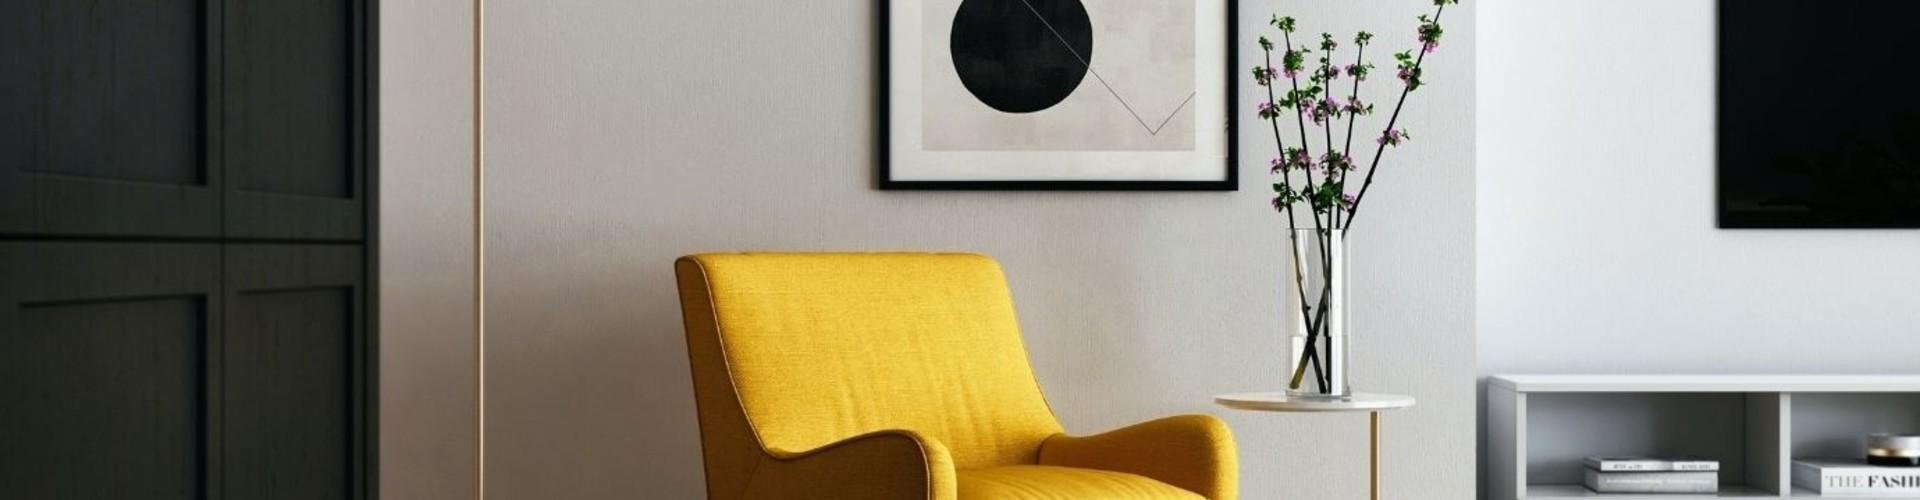 Woonkamer meubels voor jouw leefstijl